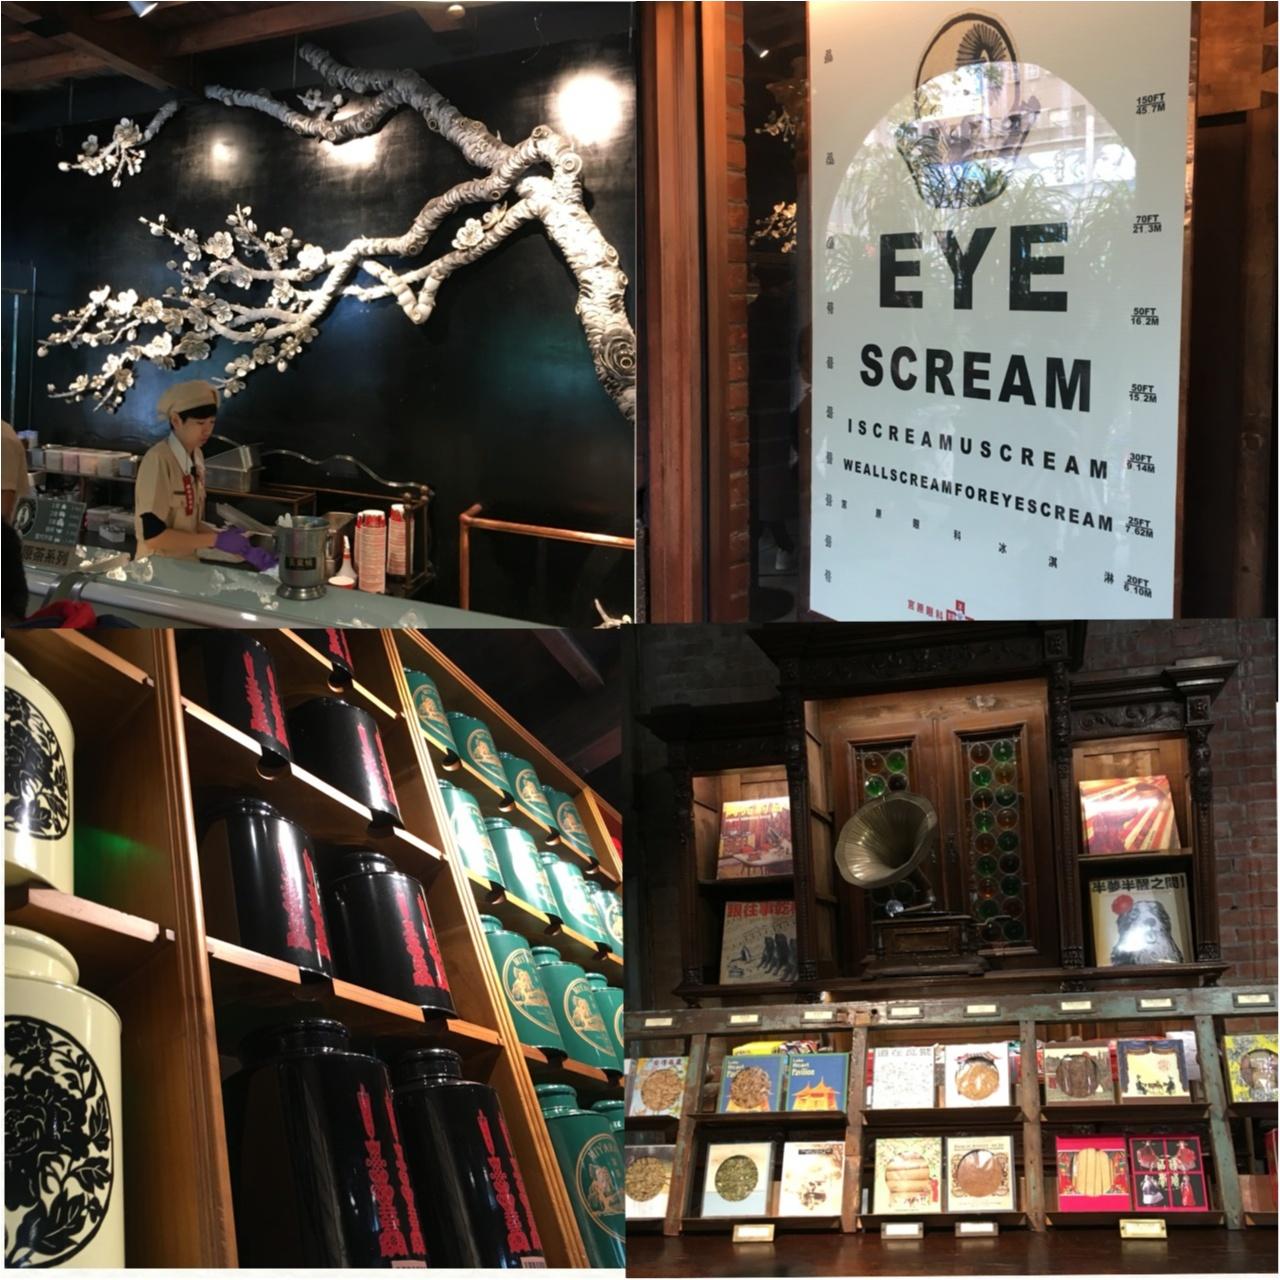 台湾のおしゃれなカフェ&食べ物特集 - 人気のタピオカや小籠包も! 台湾女子旅におすすめのグルメ情報まとめ_85